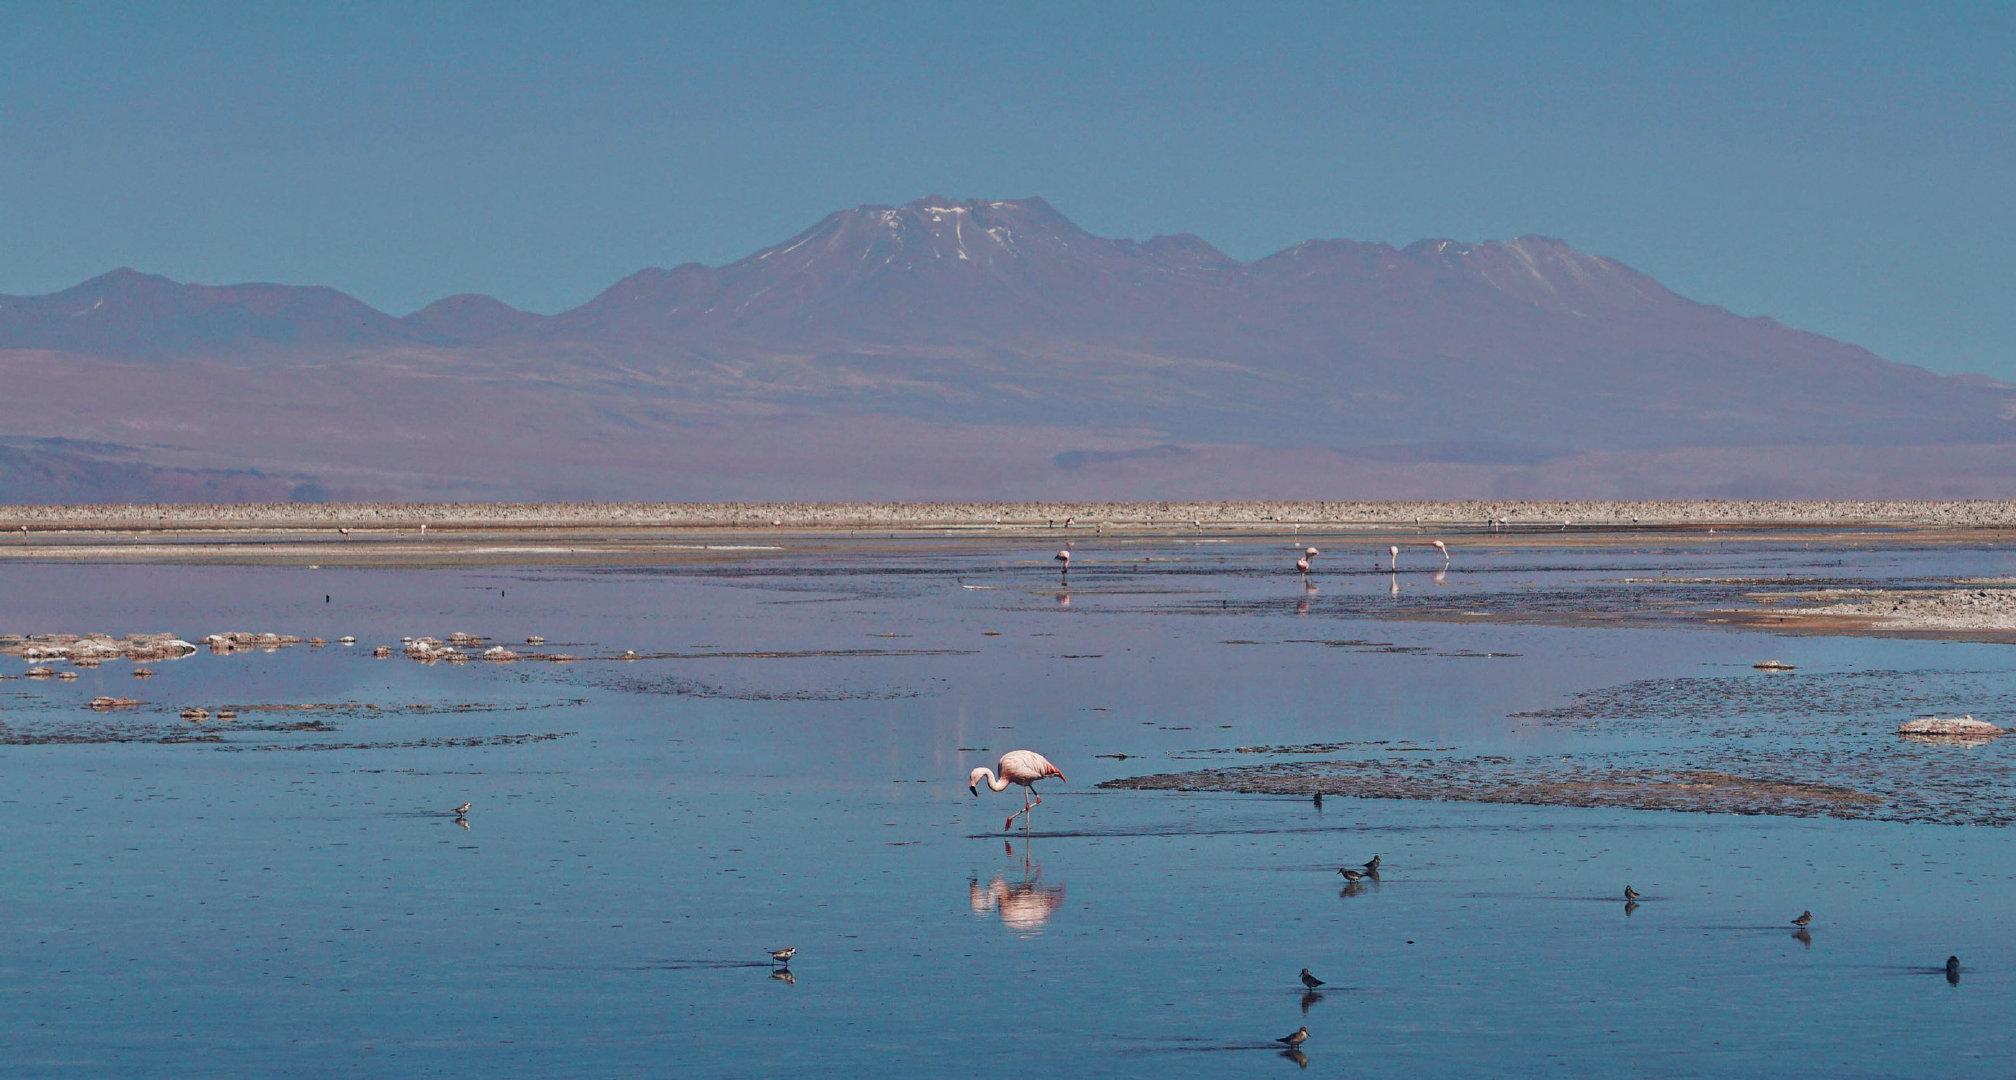 位于南美洲高原的阿塔卡马沙漠,主体在智利境内